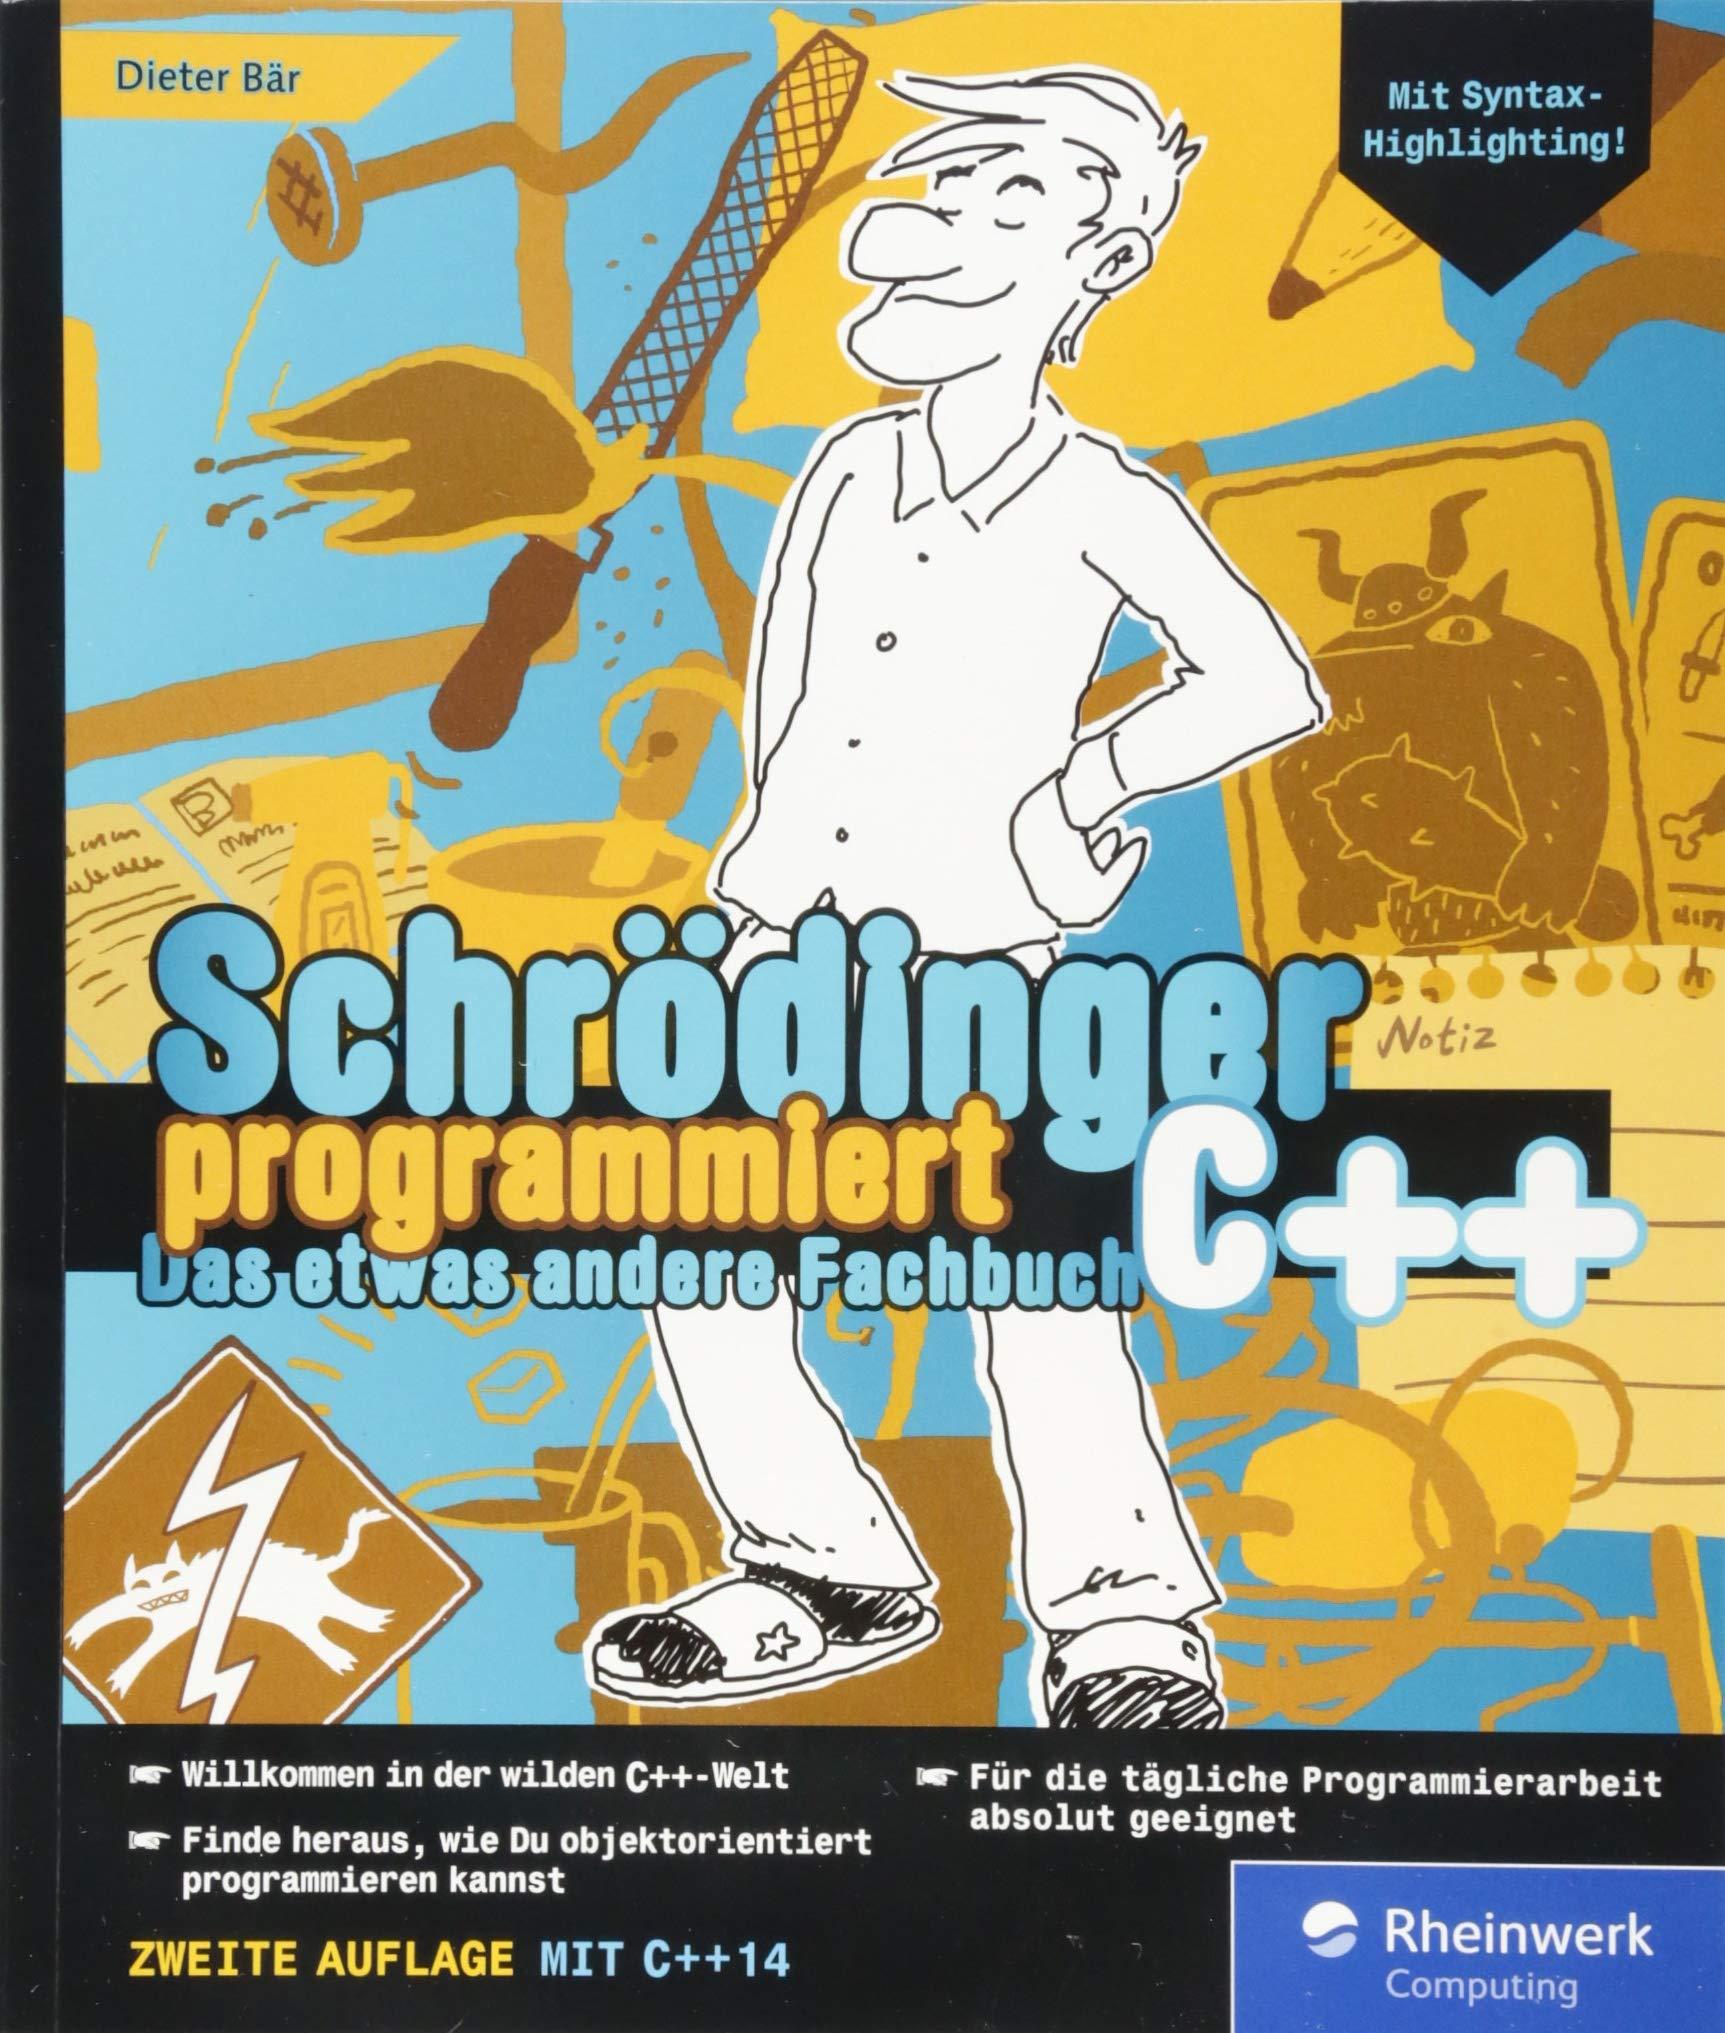 Schrödinger Programmiert C++  Jetzt Mit C++14 Und Syntaxhighlighting  Schrödinger Programmiert   Das Etwas Andere Fachbuch